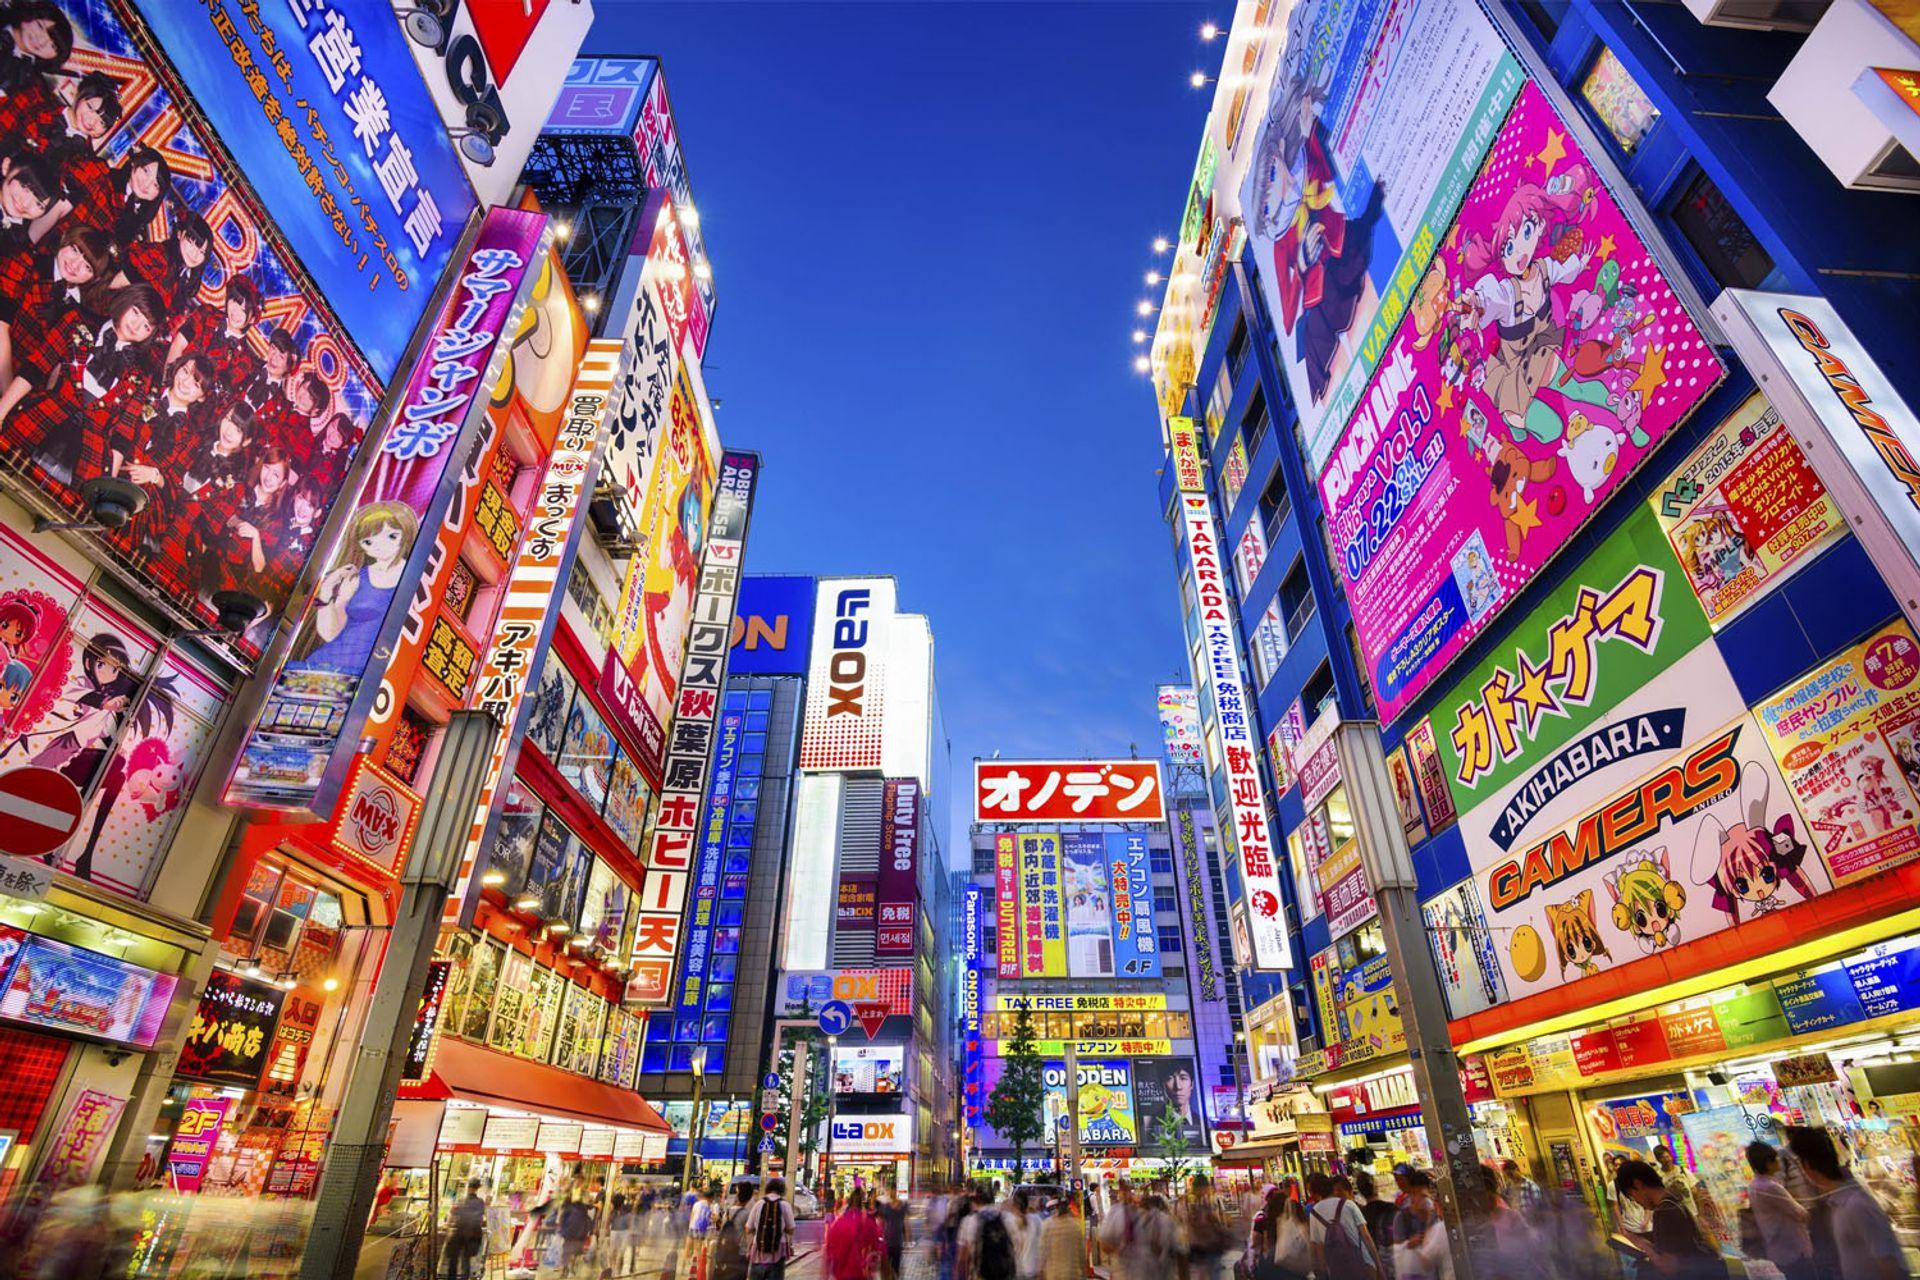 Khu điện tử Akihabara nổi tiếng